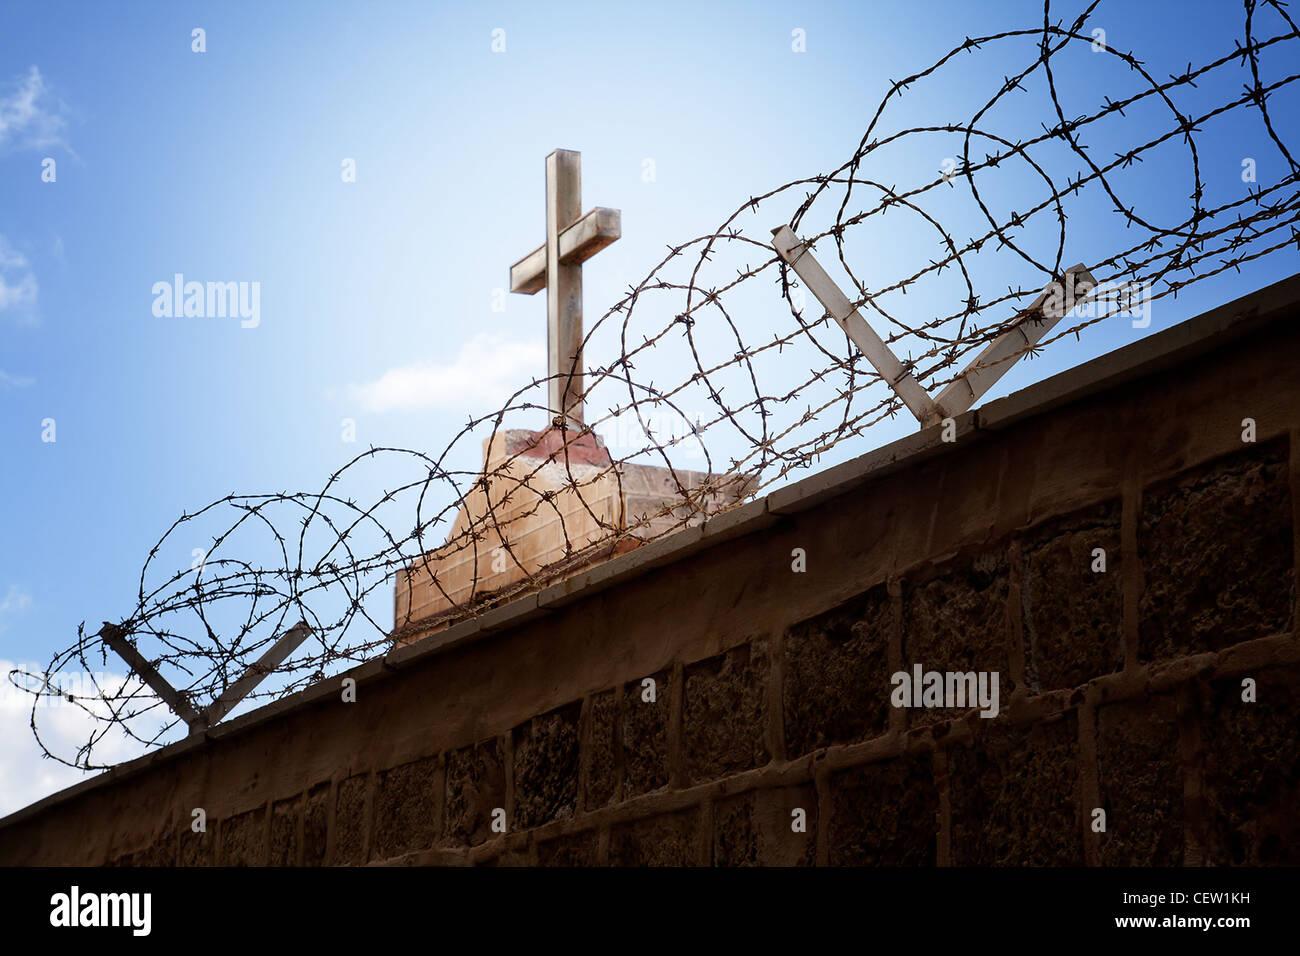 Krieg und Religion Konzept - Kreuz und Stacheldraht über blauen Himmel Stockbild